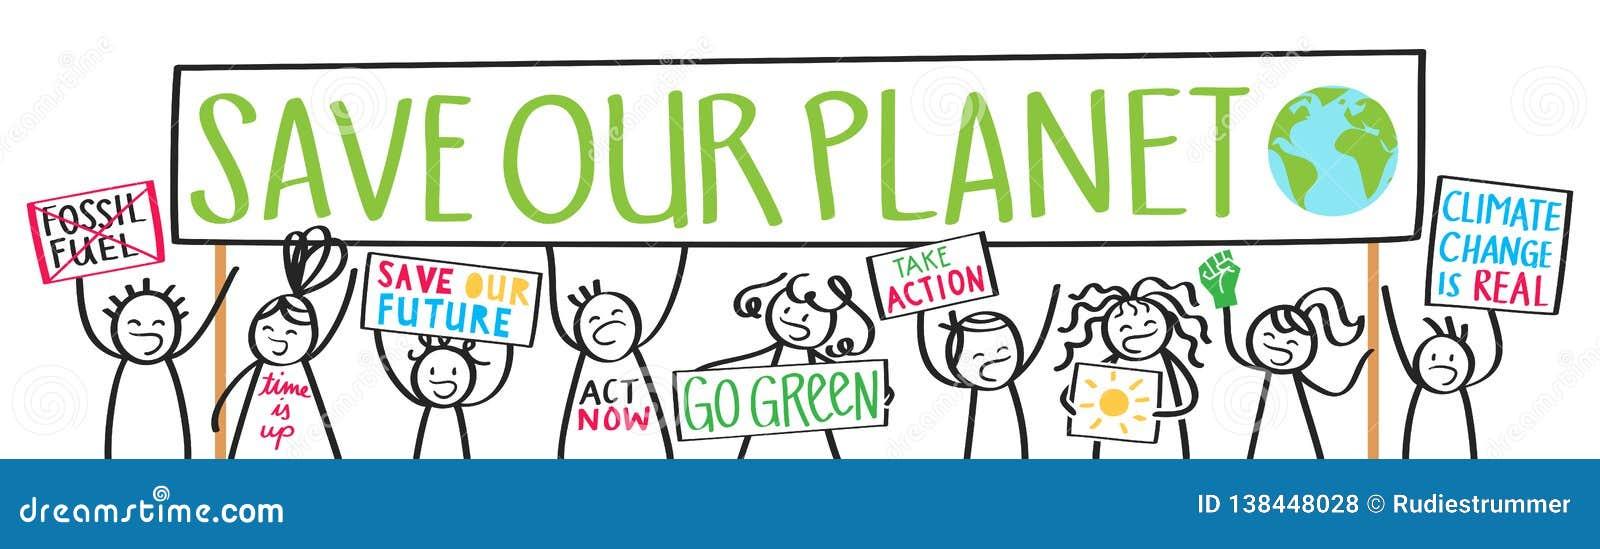 Skolaungepersoner som protesterar, klimatförändring, räddning vår planet